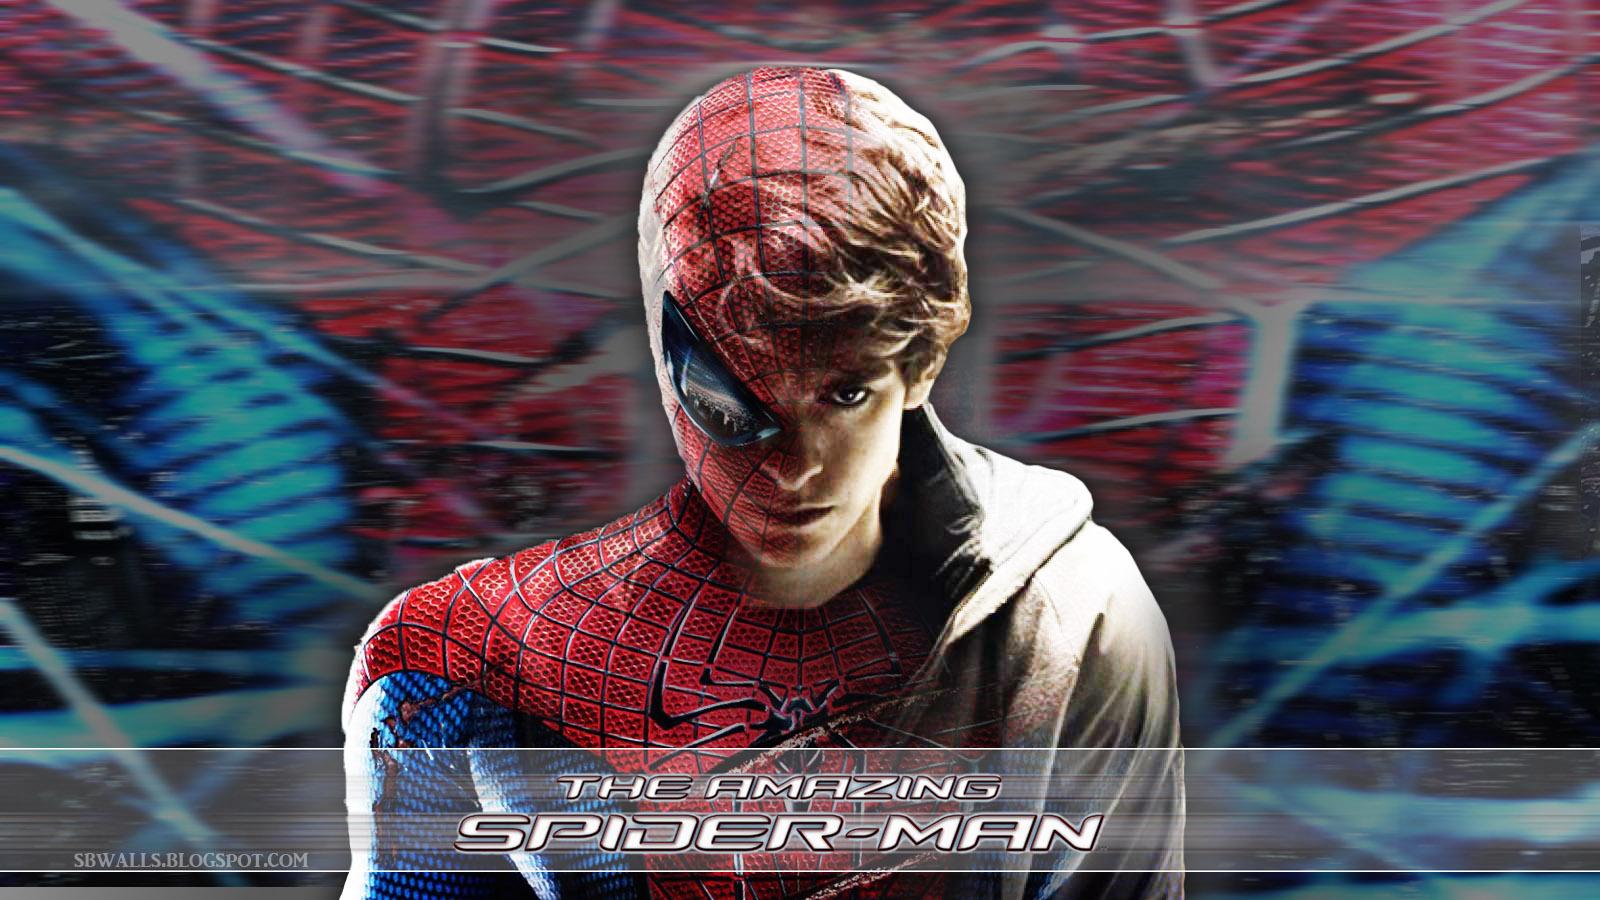 image - amazing-spiderman-movie-wallpaper-spider-man-31480807-1600